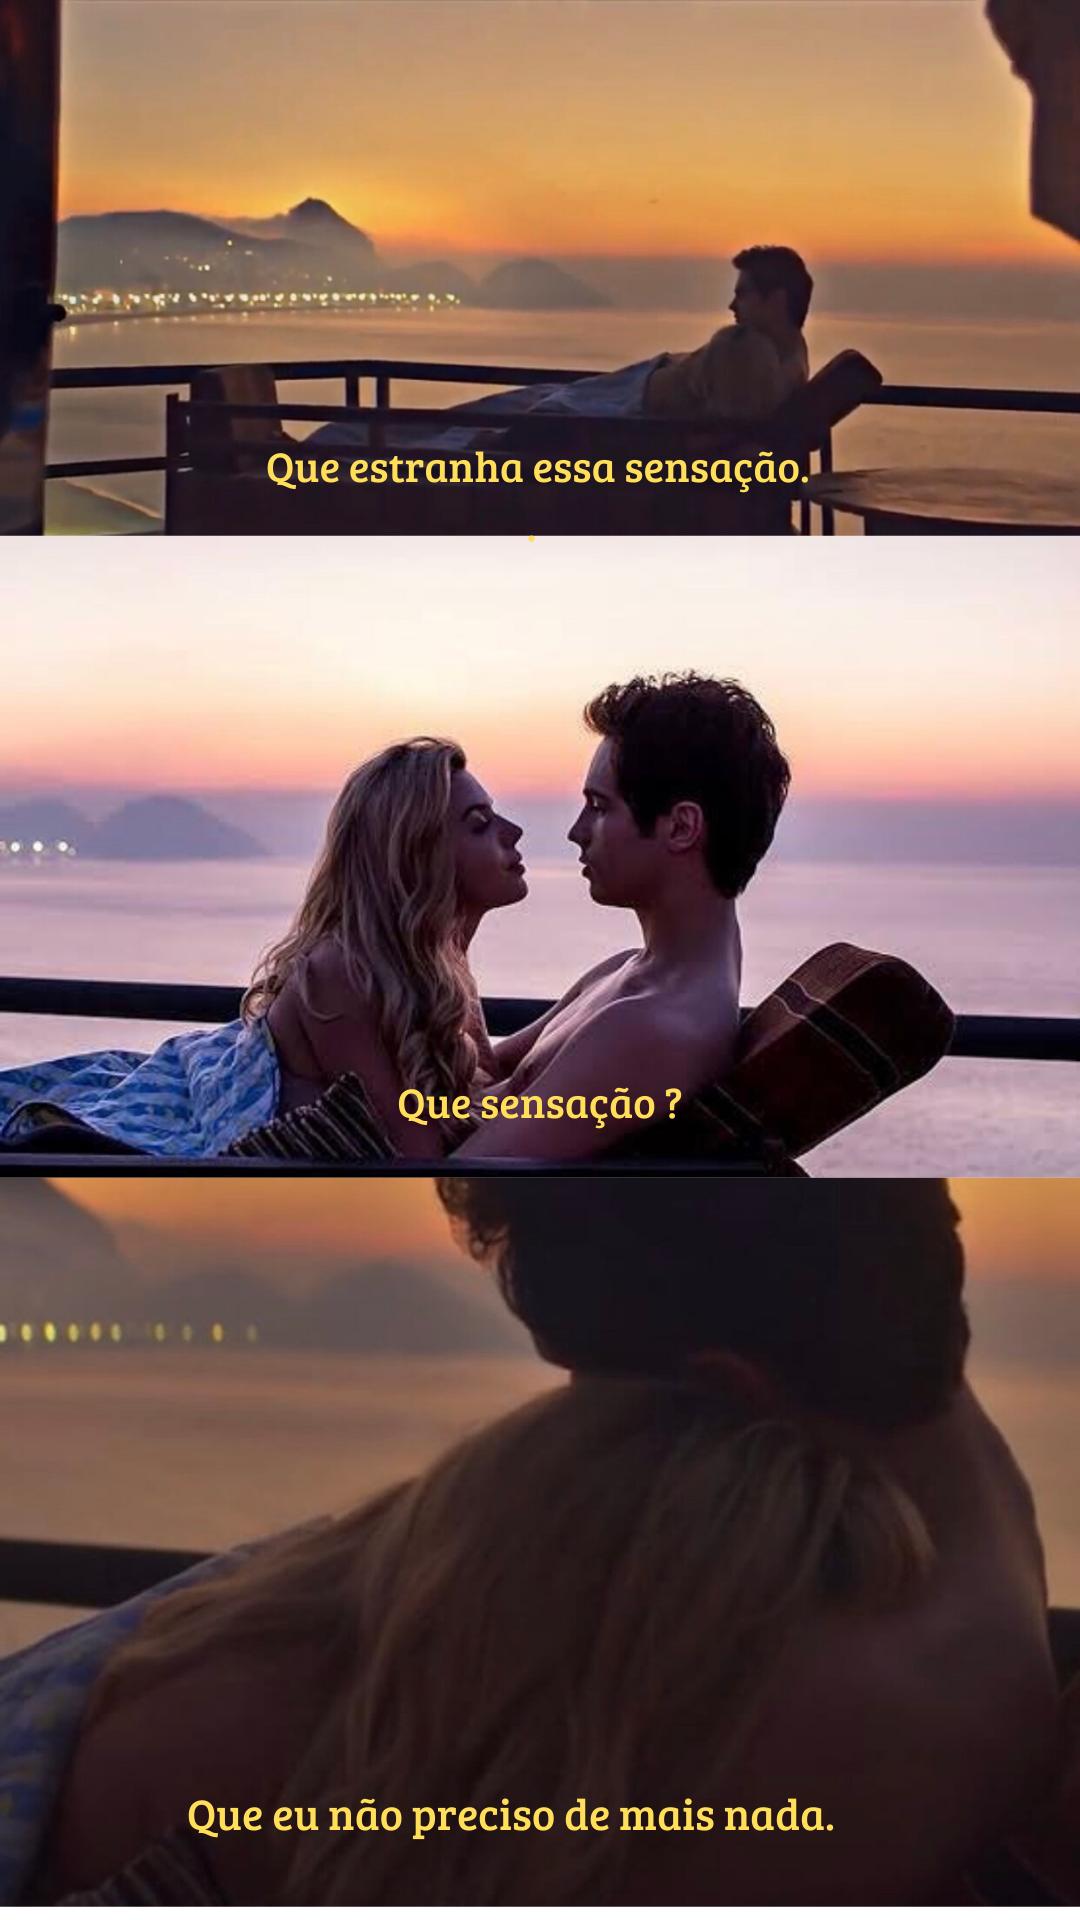 Filme Ricos De Amor Frases Romanticas De Filmes Frases De Filmes Filmes